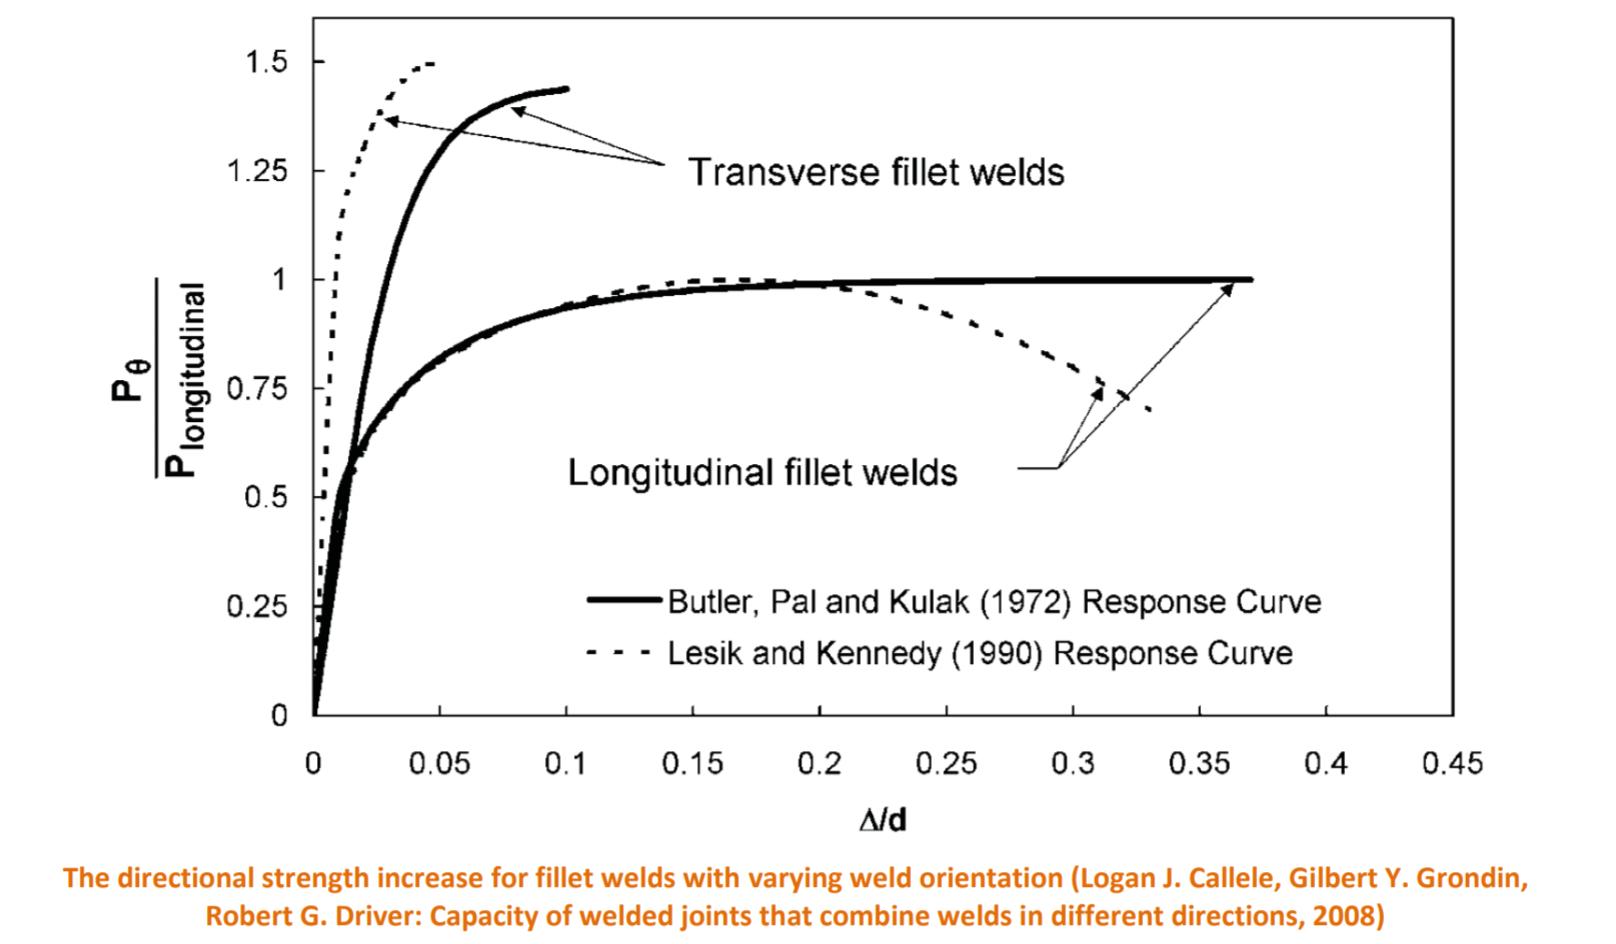 De toename van de richtingssterkte voor hoeklassen met verschillende lasoriëntatie